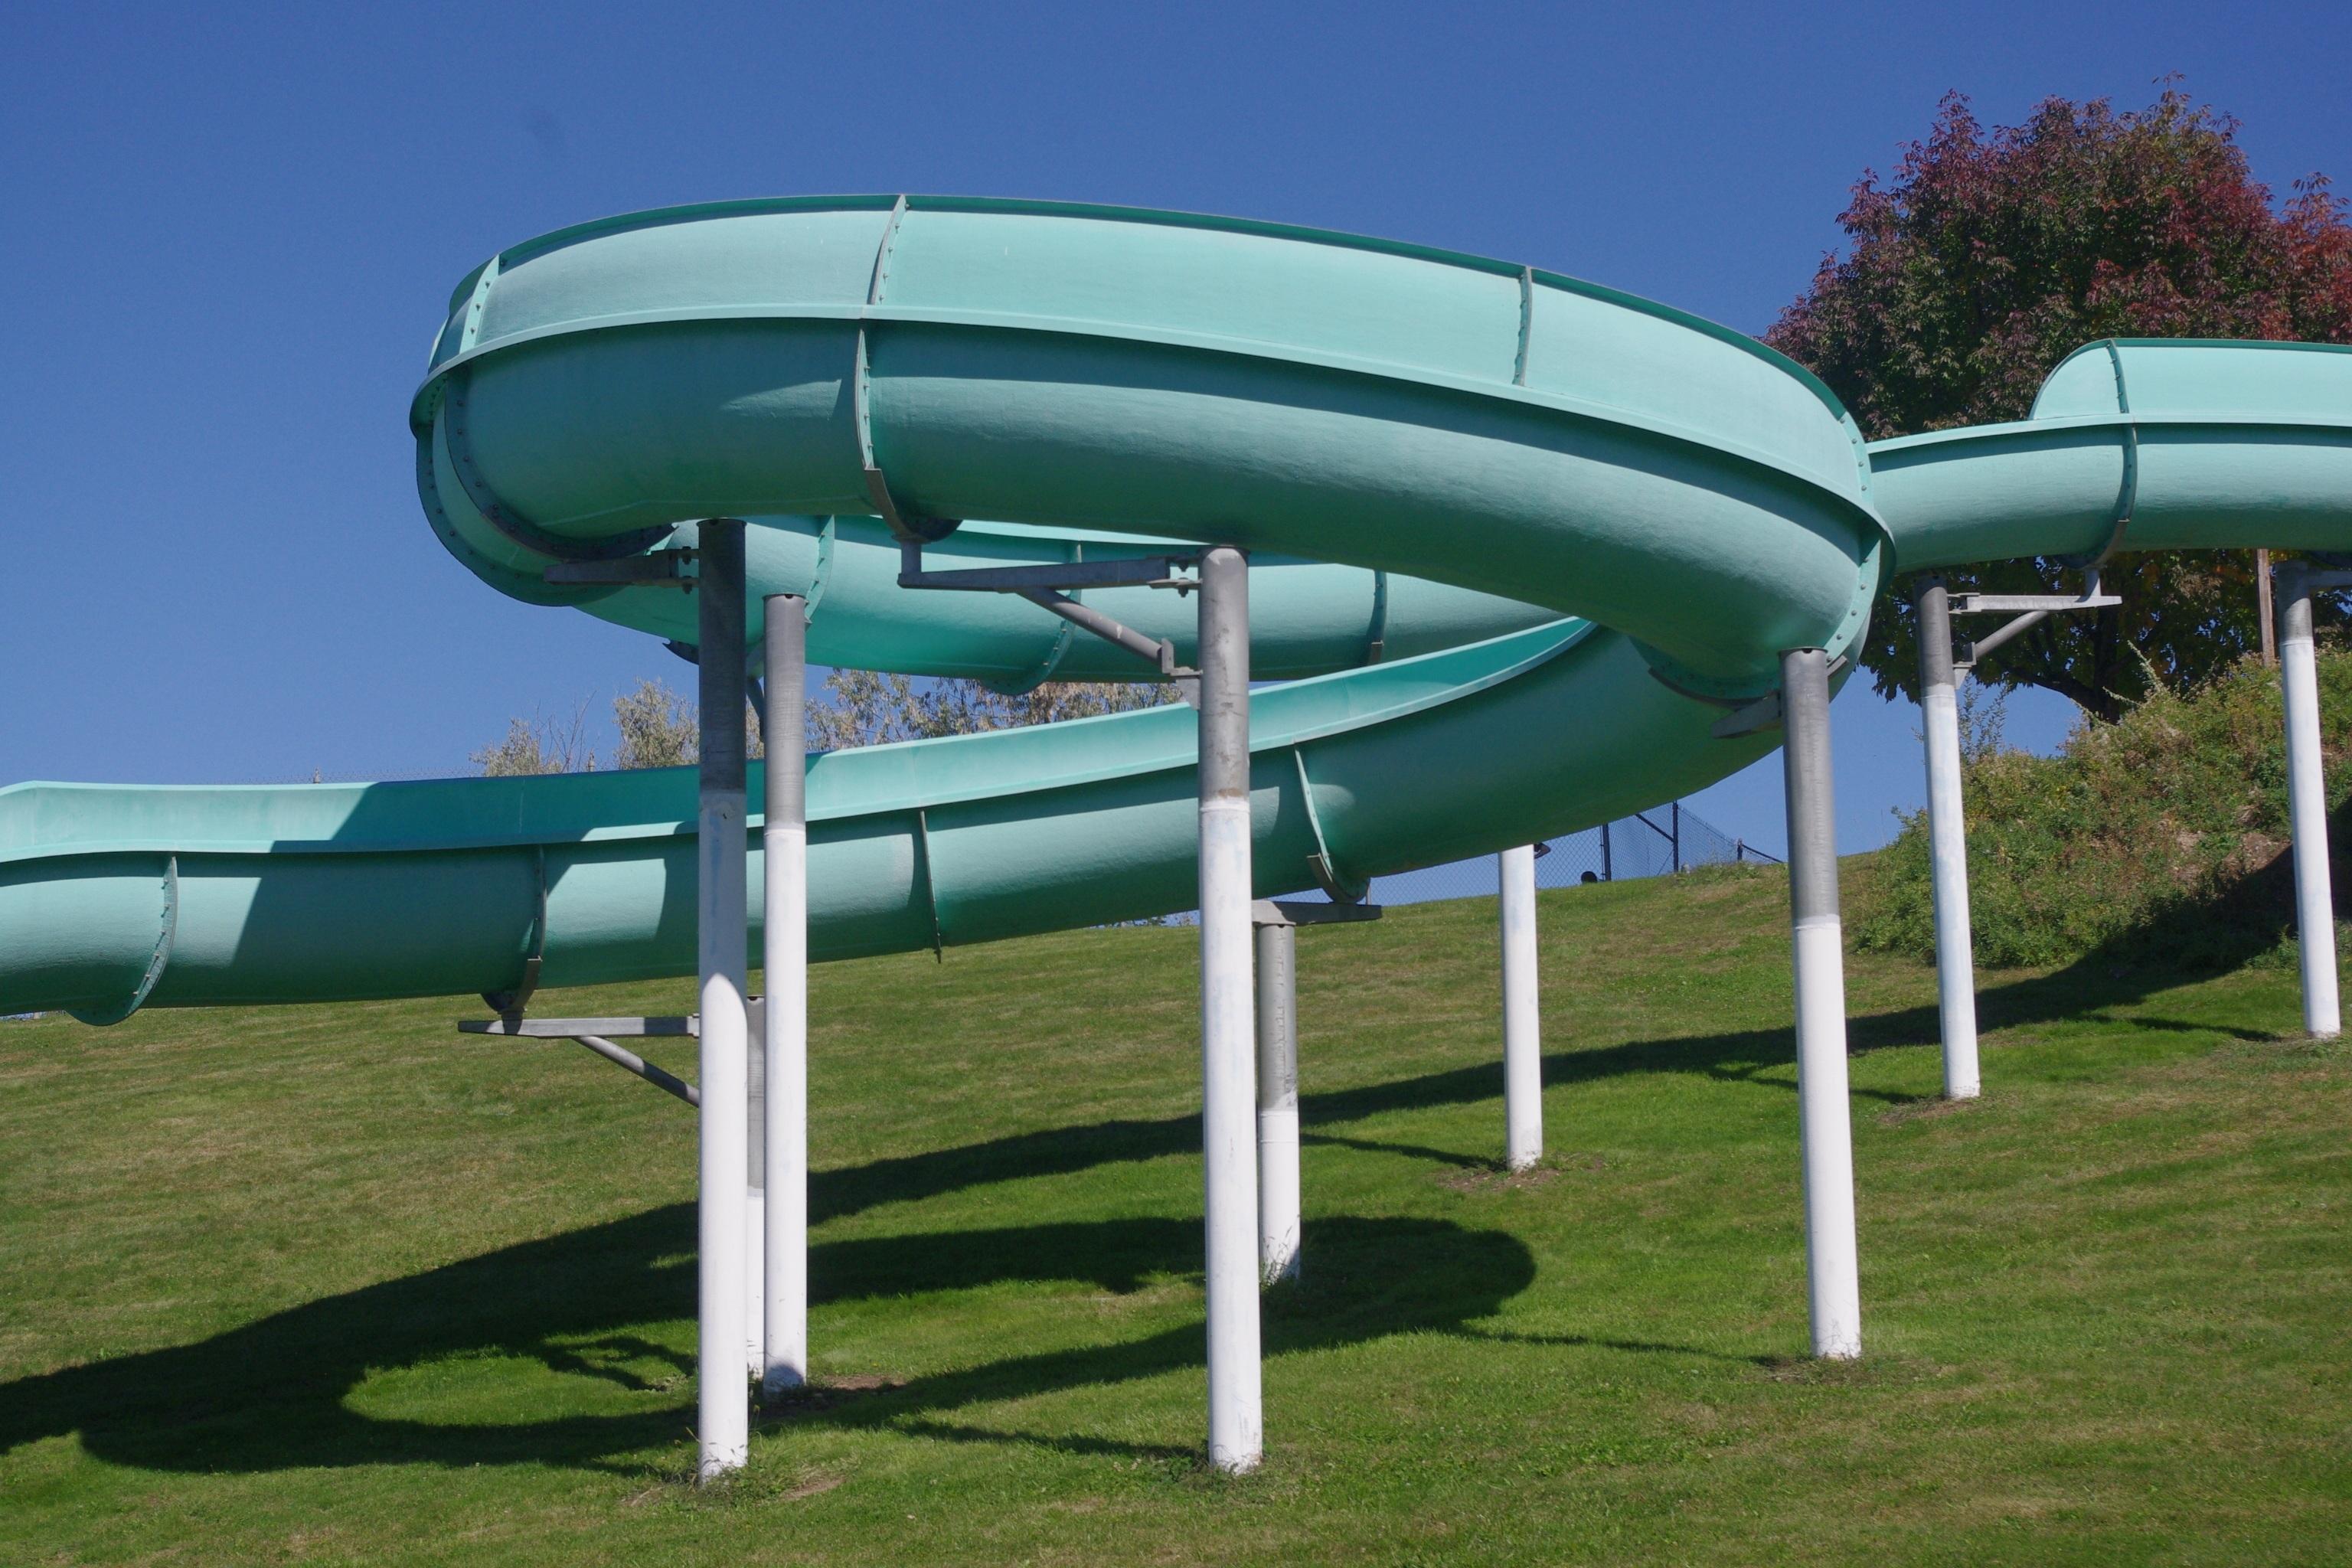 Fotos gratis : agua, parque de atracciones, mueble, parque acuatico ...